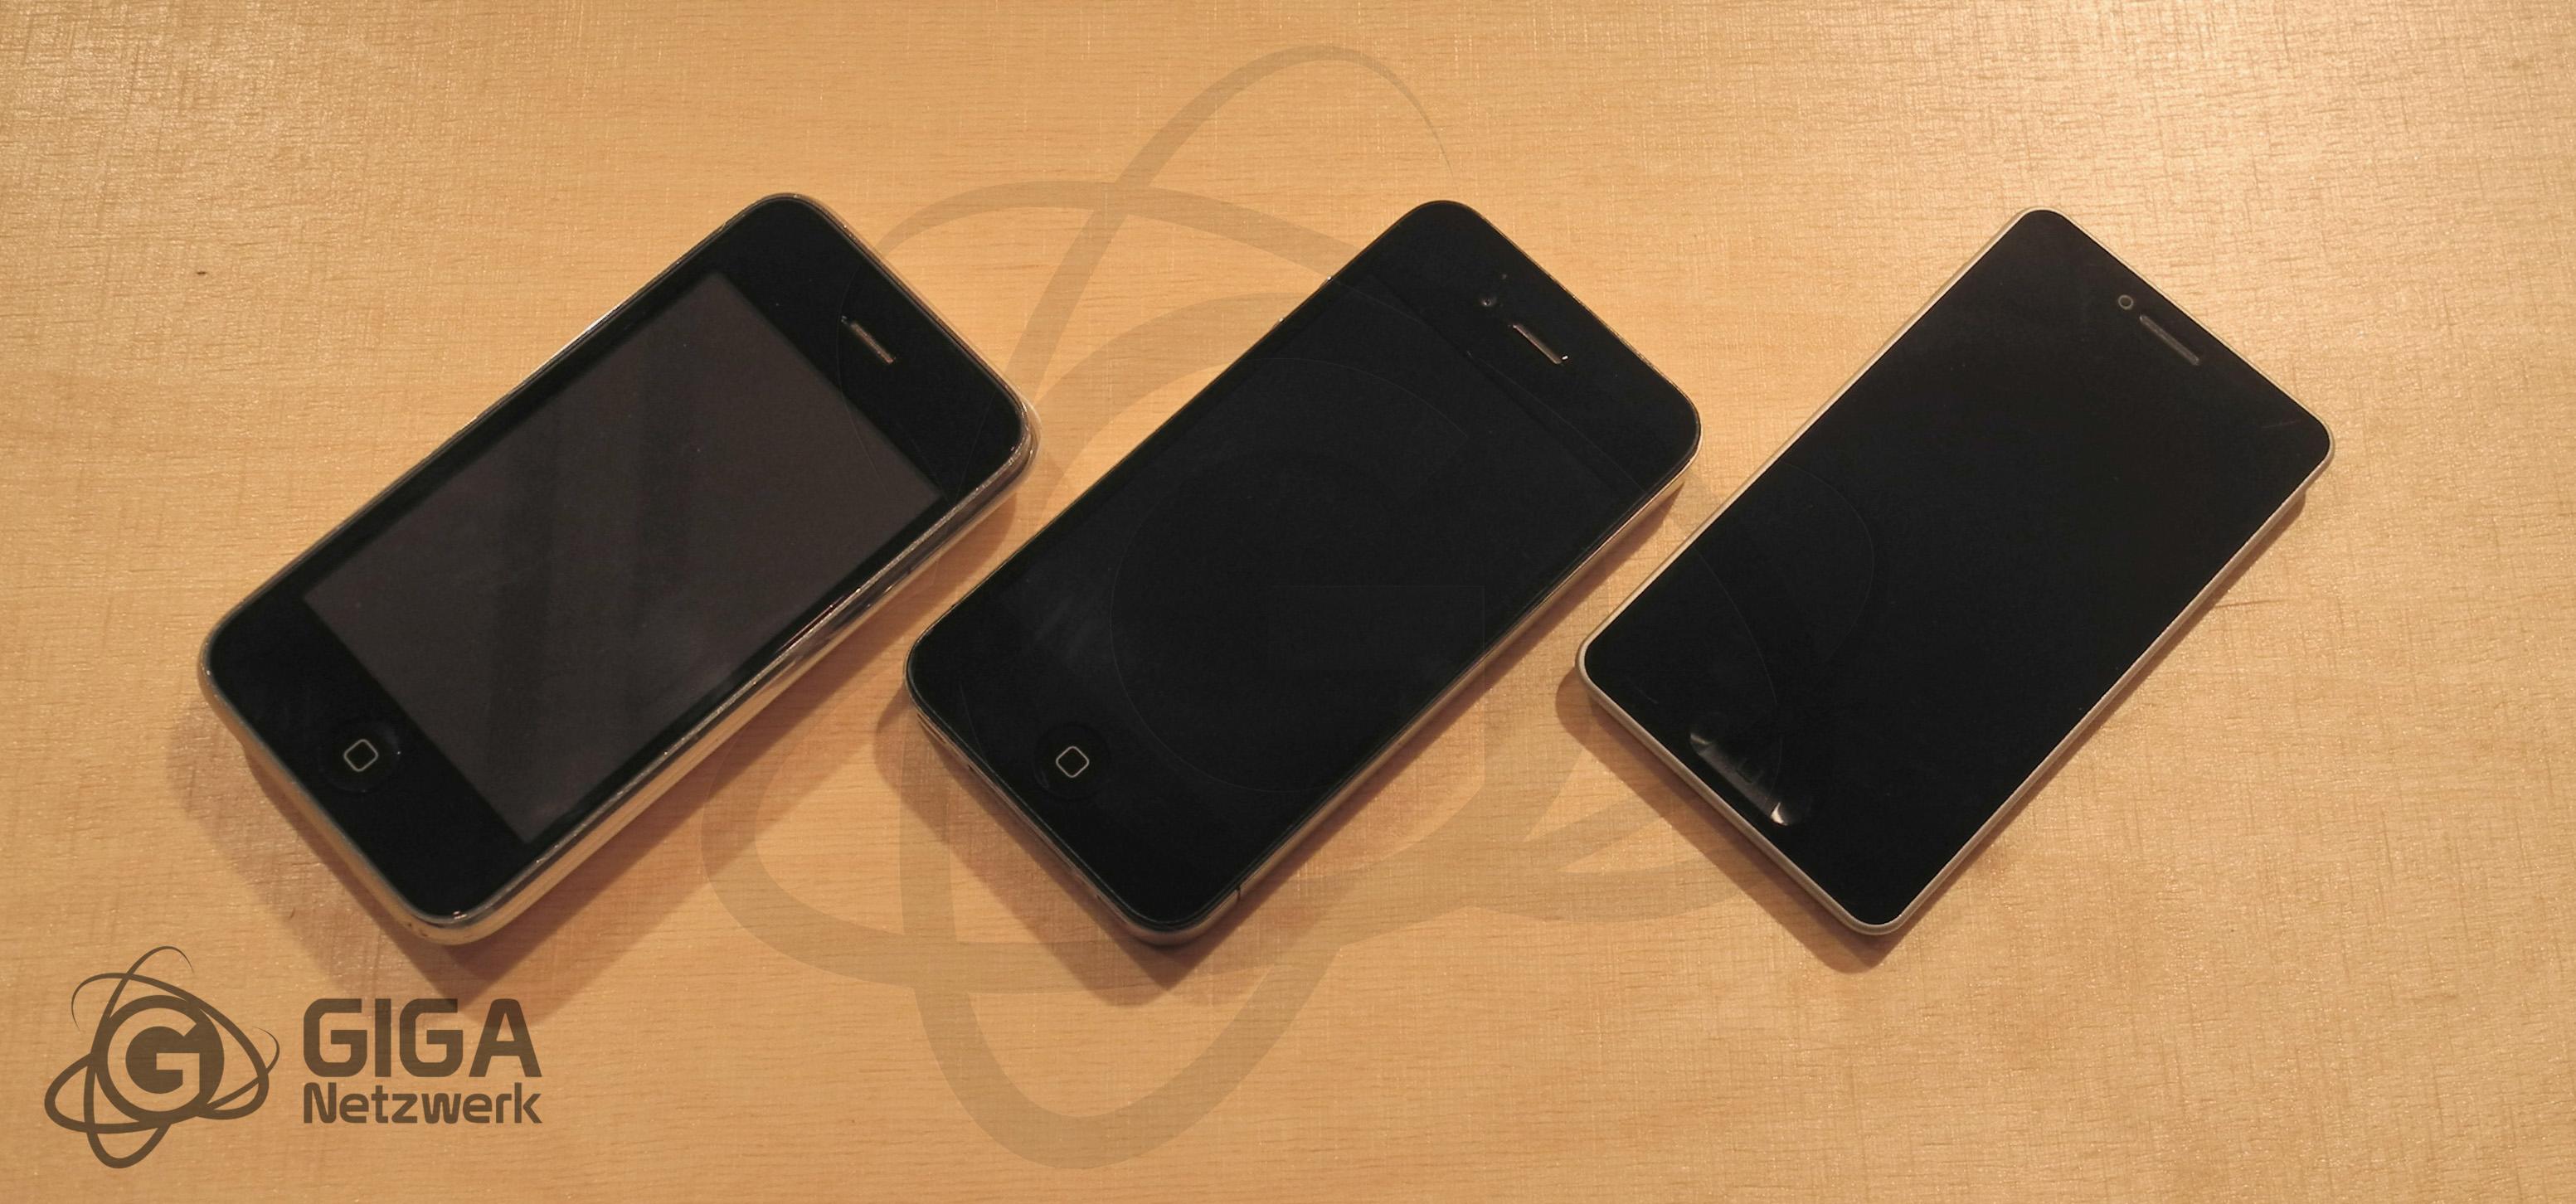 Айфон 5 фото модели